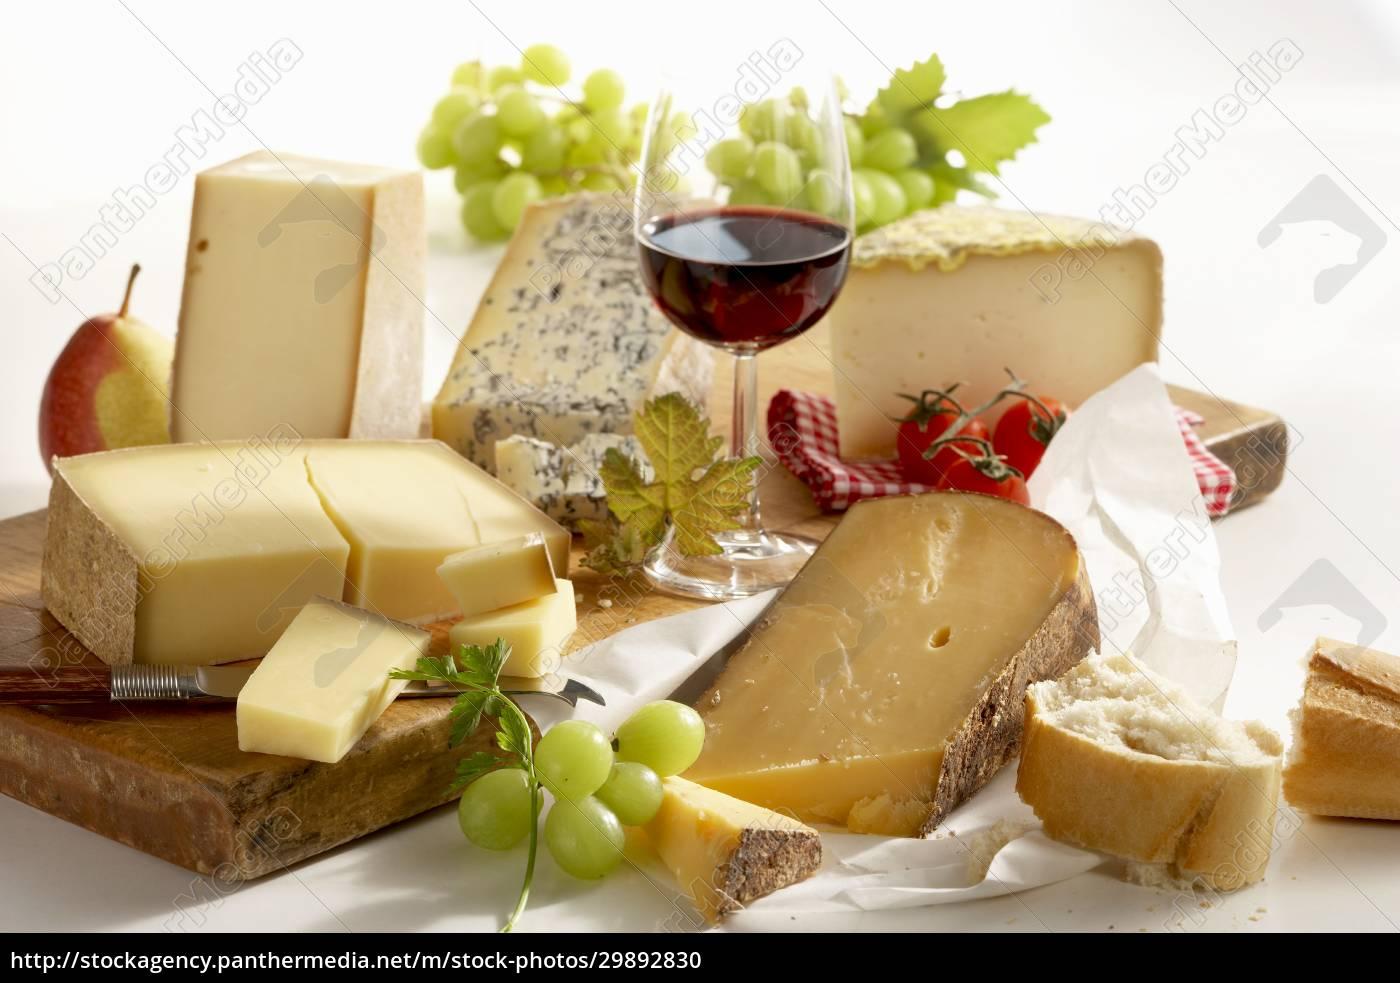 una, natura, morta, di, formaggi, francesi - 29892830